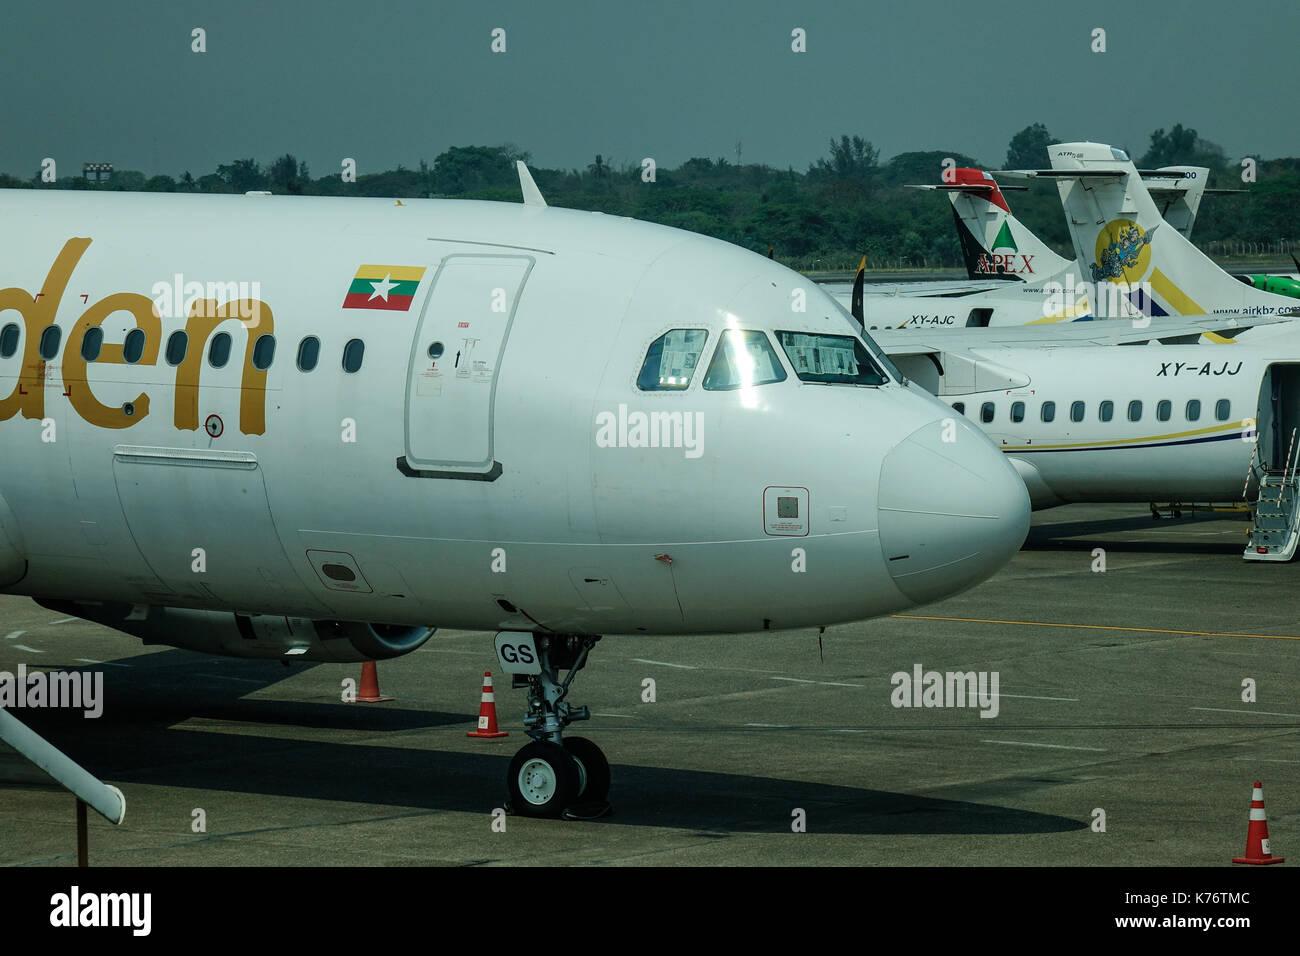 Yangon, Myanmar - Feb 27, 2016. Civil aircrafts docking at airport in Yangon, Myanmar. Yangon International Airport is the primary international airpo - Stock Image